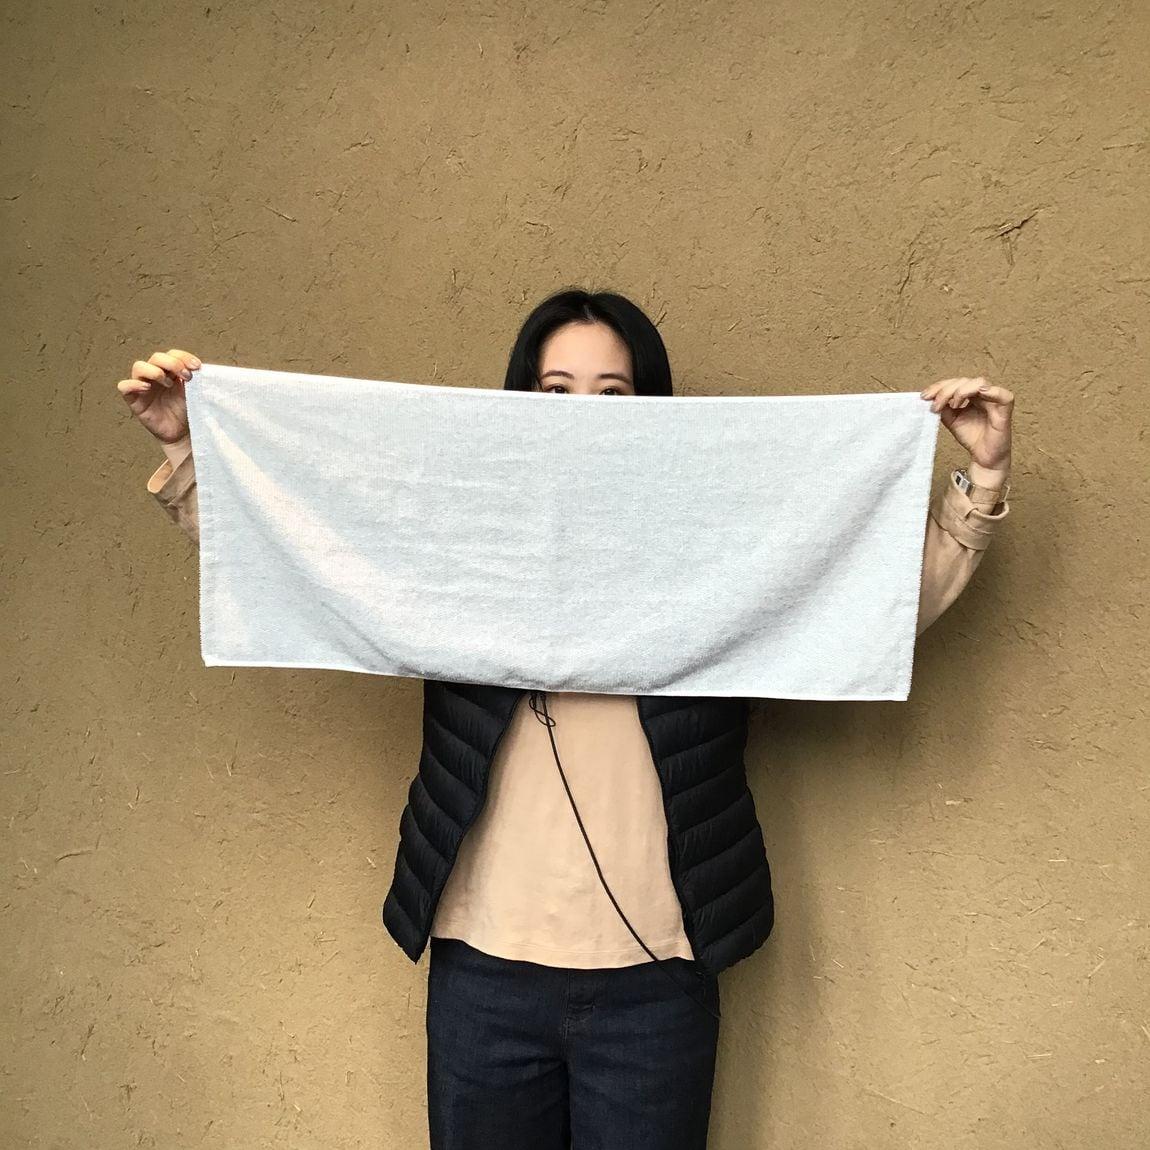 【銀座】新生活に向けてタオルセットはいかがですか|3F ヘルス&ビューティー売場